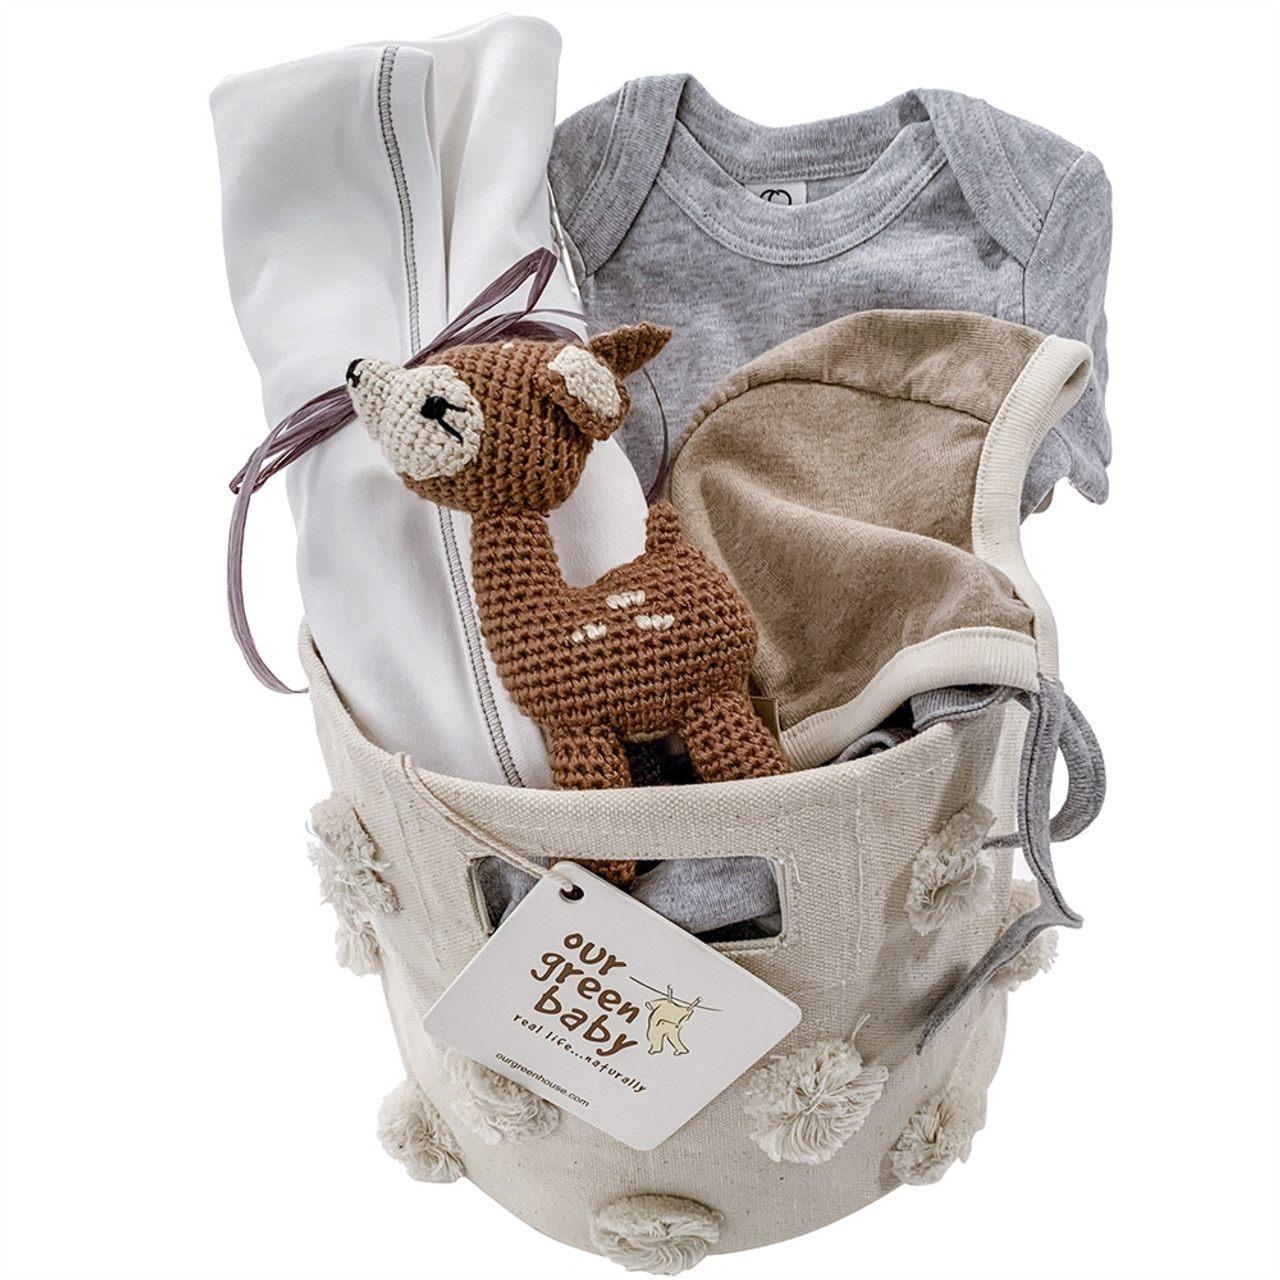 Baby Gift Basket - Oh, Deer